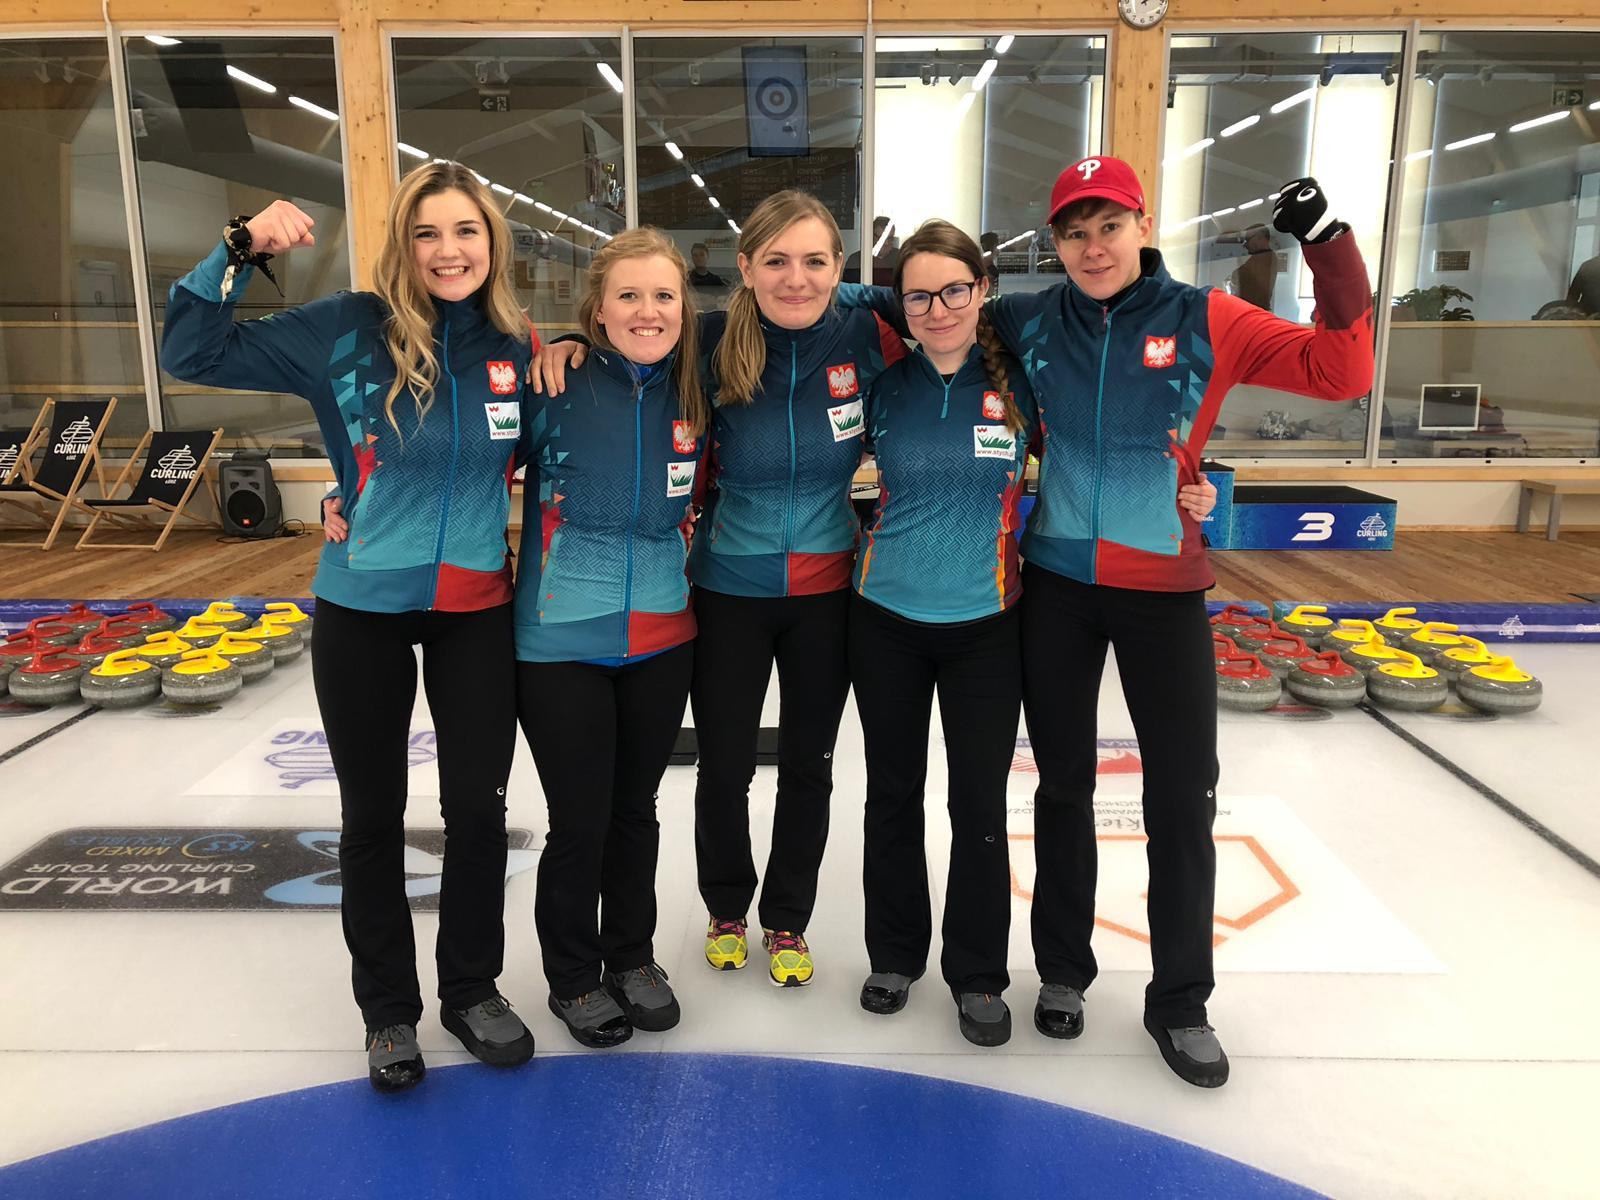 AZS Gliwice Team Pluta